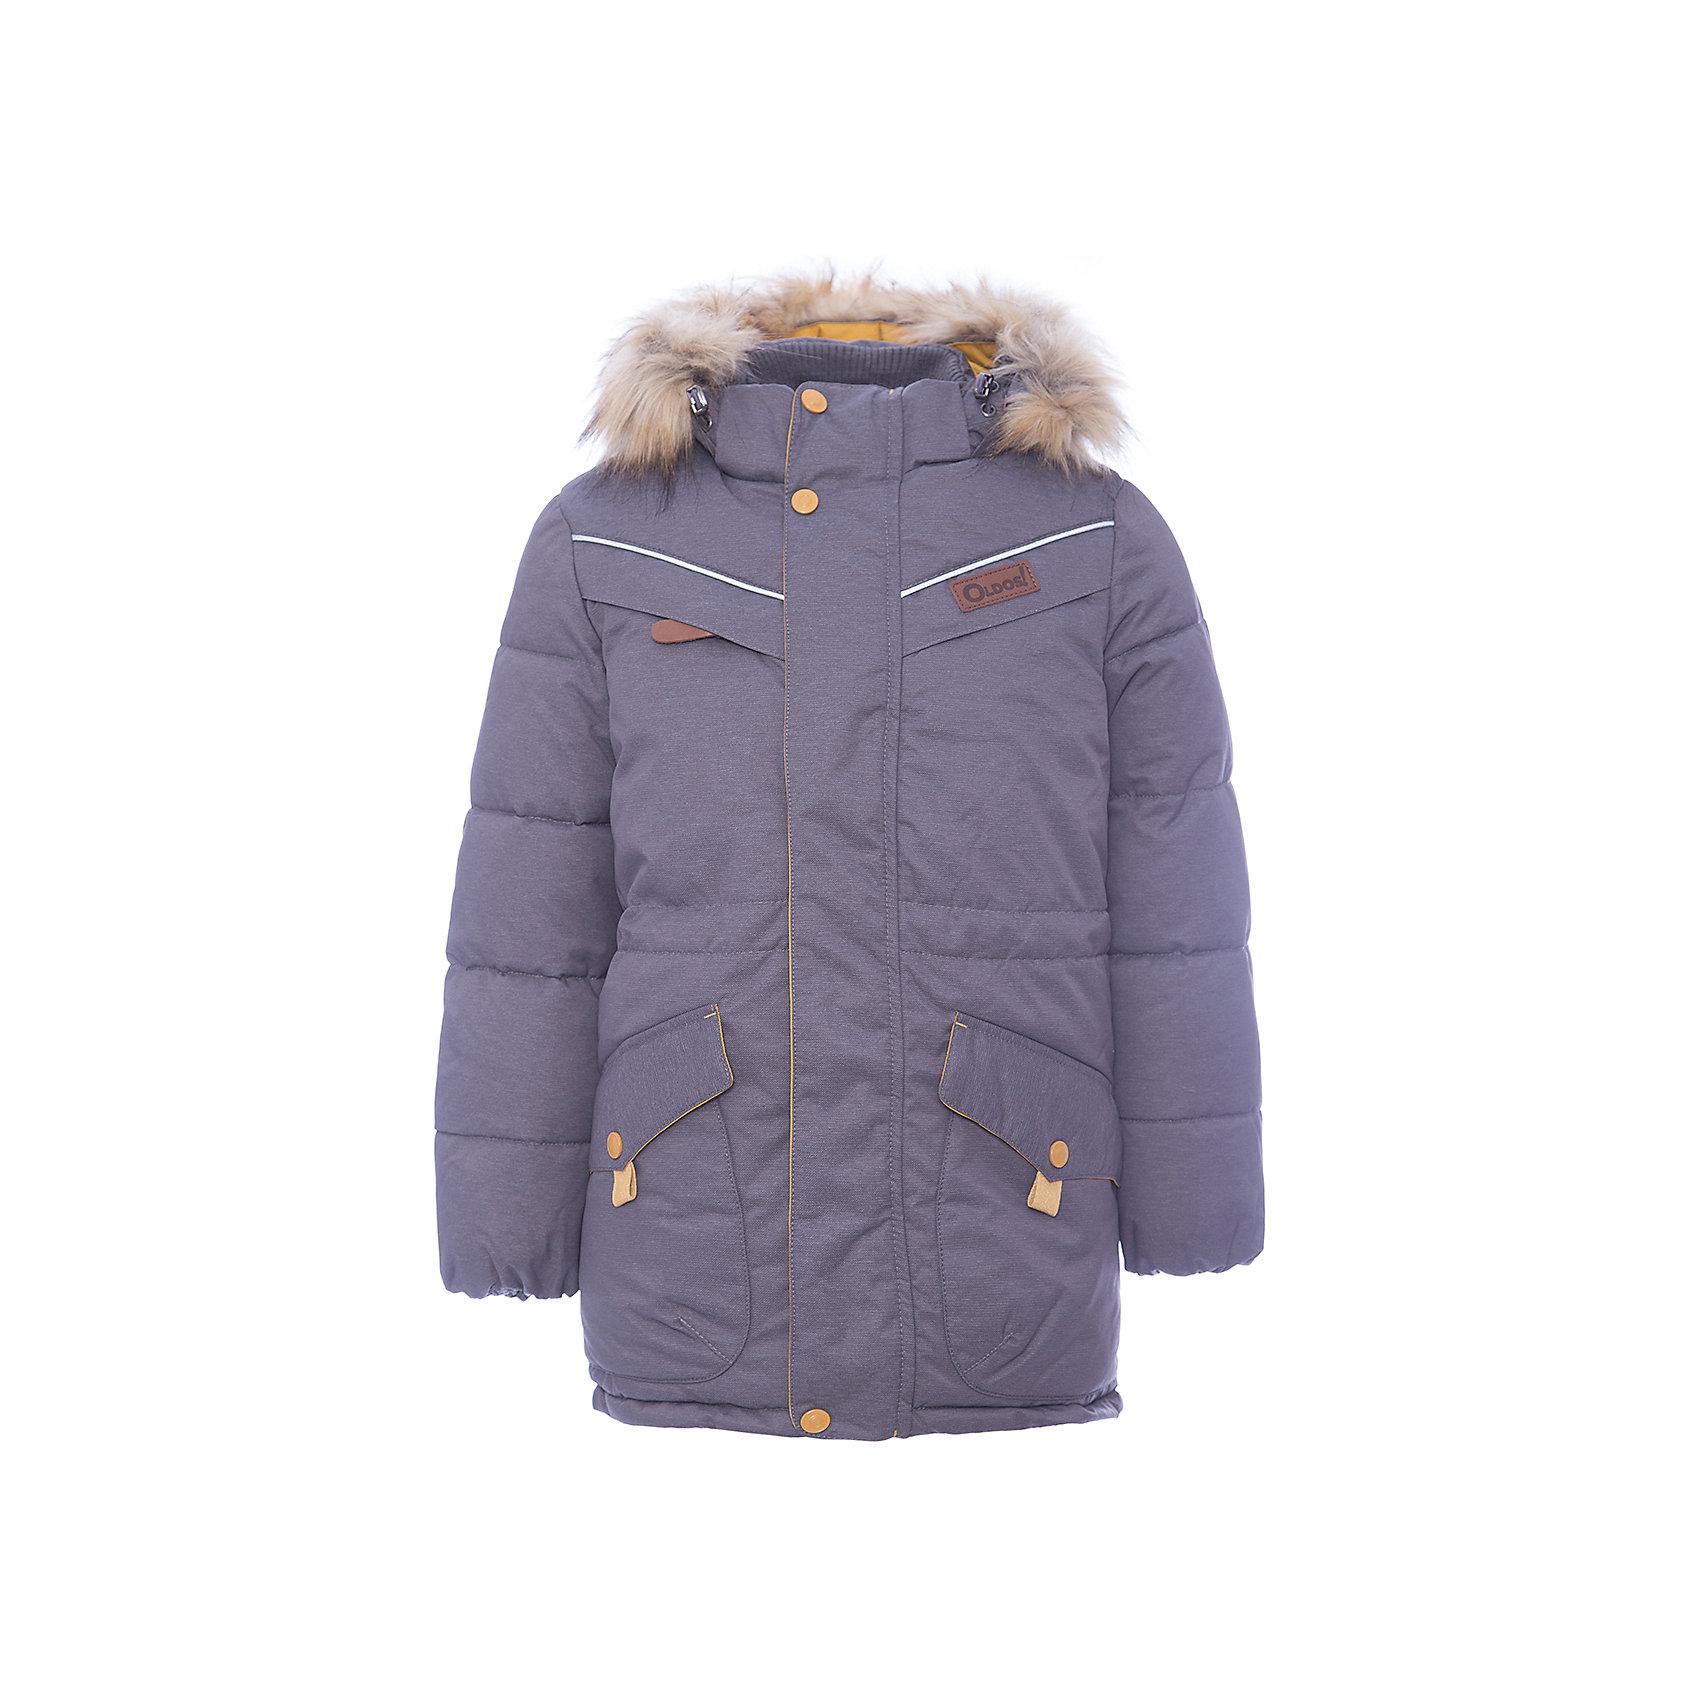 Куртка Жан OLDOS для мальчикаВерхняя одежда<br>Характеристики товара:<br><br>• цвет: черный<br>• состав ткани: 100% полиэстер, пропитка PU, Teflon<br>• подкладка: флис, полиэстер<br>• утеплитель: искусственный лебяжий пух<br>• сезон: зима<br>• температурный режим: от -35 до 0<br>• застежка: молния<br>• капюшон: с мехом, съемный<br>• страна бренда: Россия<br>• страна изготовитель: Россия<br><br>Зимняя куртка для ребенка обеспечит тепло и комфорт в холода благодаря качественному утеплителю и пропитке от воды и грязи. Эту детскую куртку легко чистить. Стильная куртка для ребенка дополнена функциональными элементами: отстегивающейся опушкой и капюшоном, карманами, воротником-стойкой, ветрозащитной планкой. <br><br>Куртку Жан Oldos (Олдос) для мальчика можно купить в нашем интернет-магазине.<br><br>Ширина мм: 356<br>Глубина мм: 10<br>Высота мм: 245<br>Вес г: 519<br>Цвет: черный<br>Возраст от месяцев: 144<br>Возраст до месяцев: 156<br>Пол: Мужской<br>Возраст: Детский<br>Размер: 158,152,122,128,134,140,146<br>SKU: 7016586